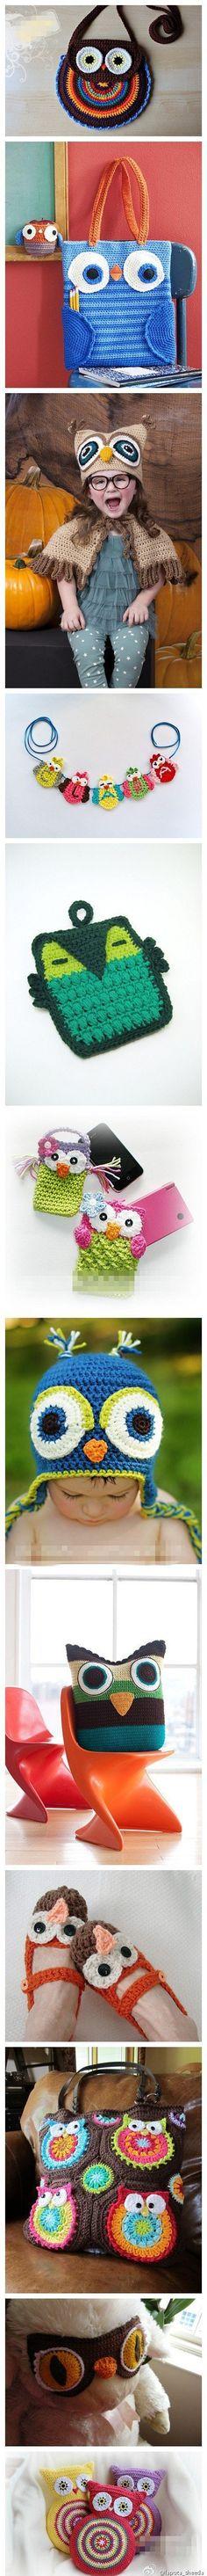 cute owl craft stuff   ♥